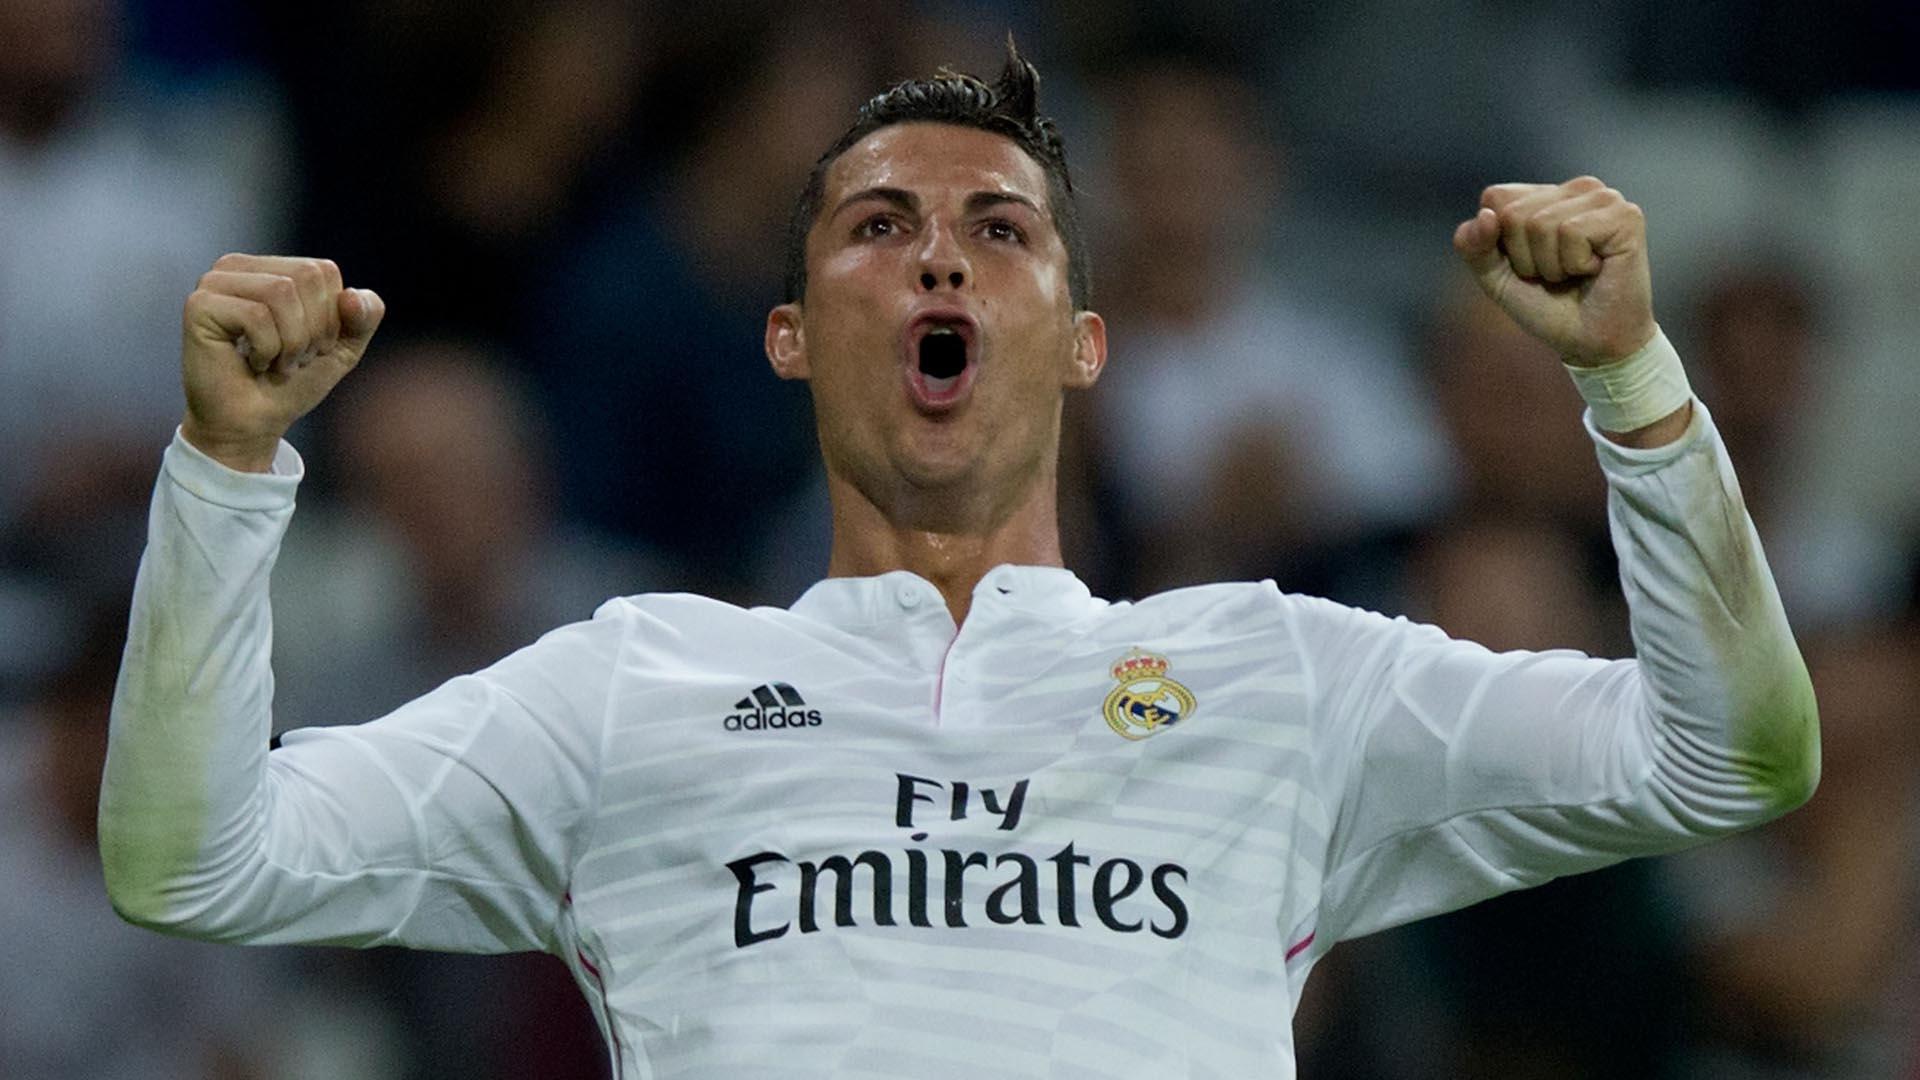 EuroMillions-Gewinner zieht neben Ronaldo ein